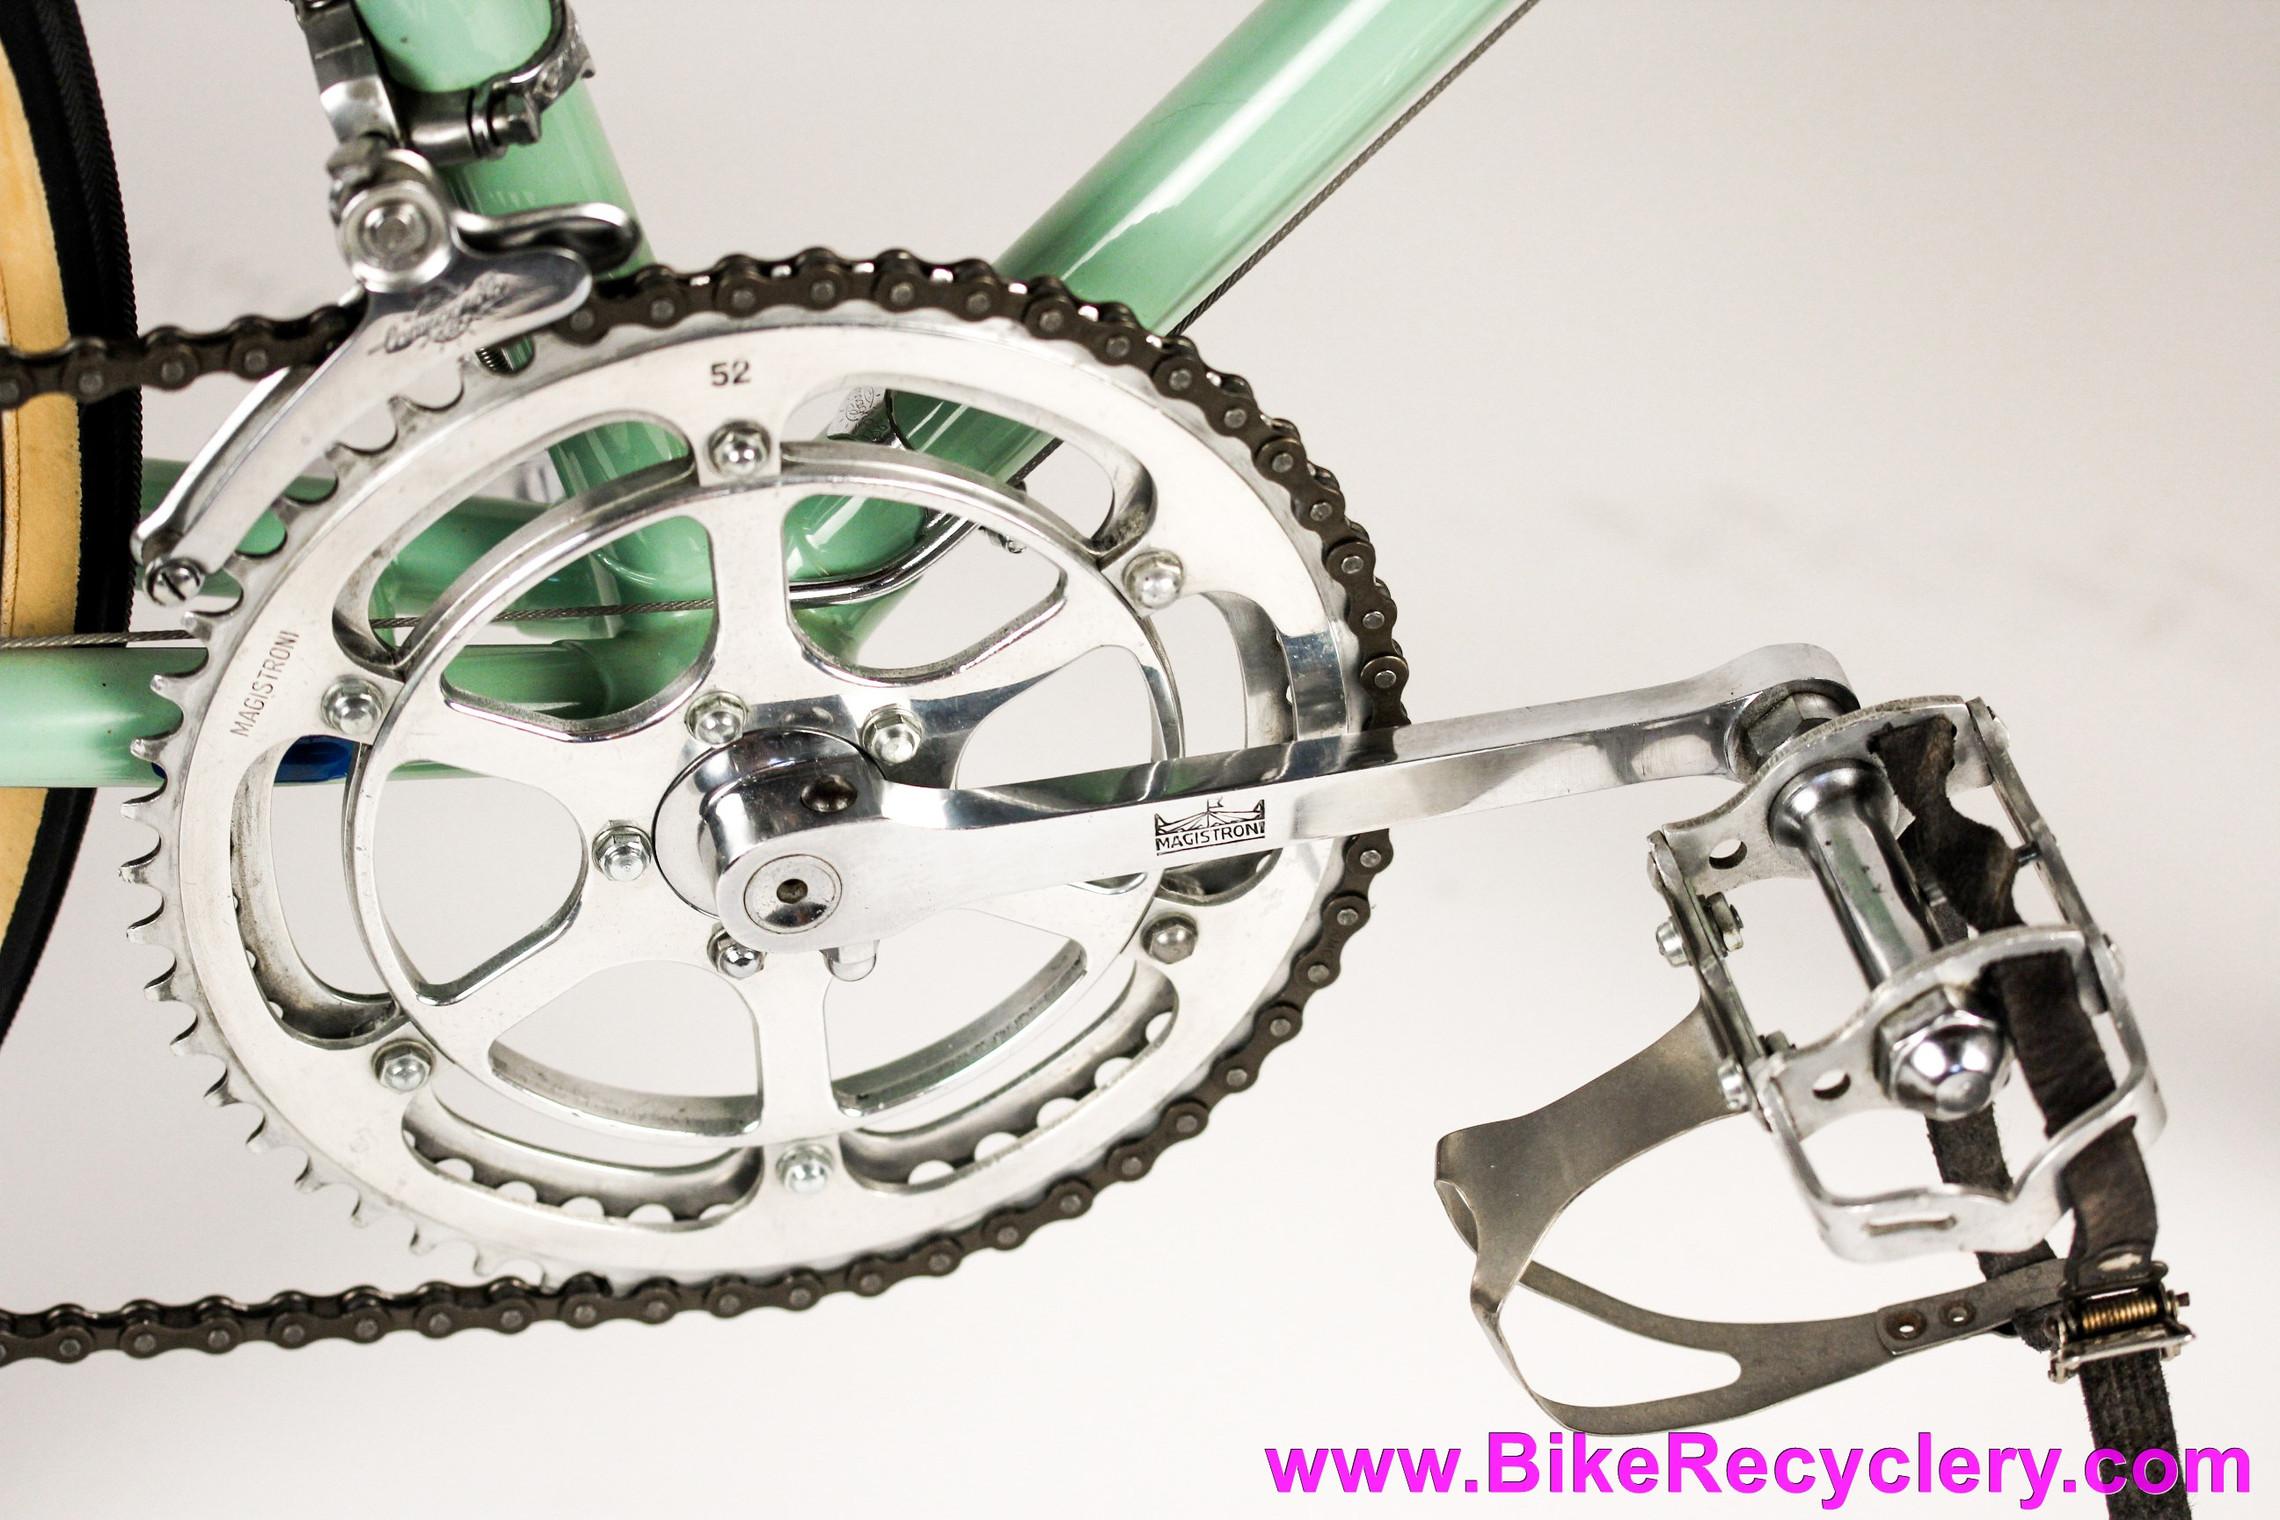 1950's Bianchi Campione Del Mondo Racing Bike: 58cm - Restored! Magistroni 5-Pin - 1st Universal 51 - Campagnolo GS - Ambrosio - Nisi - Brooks - Madonna Del Ghisallo Medallion - Celeste